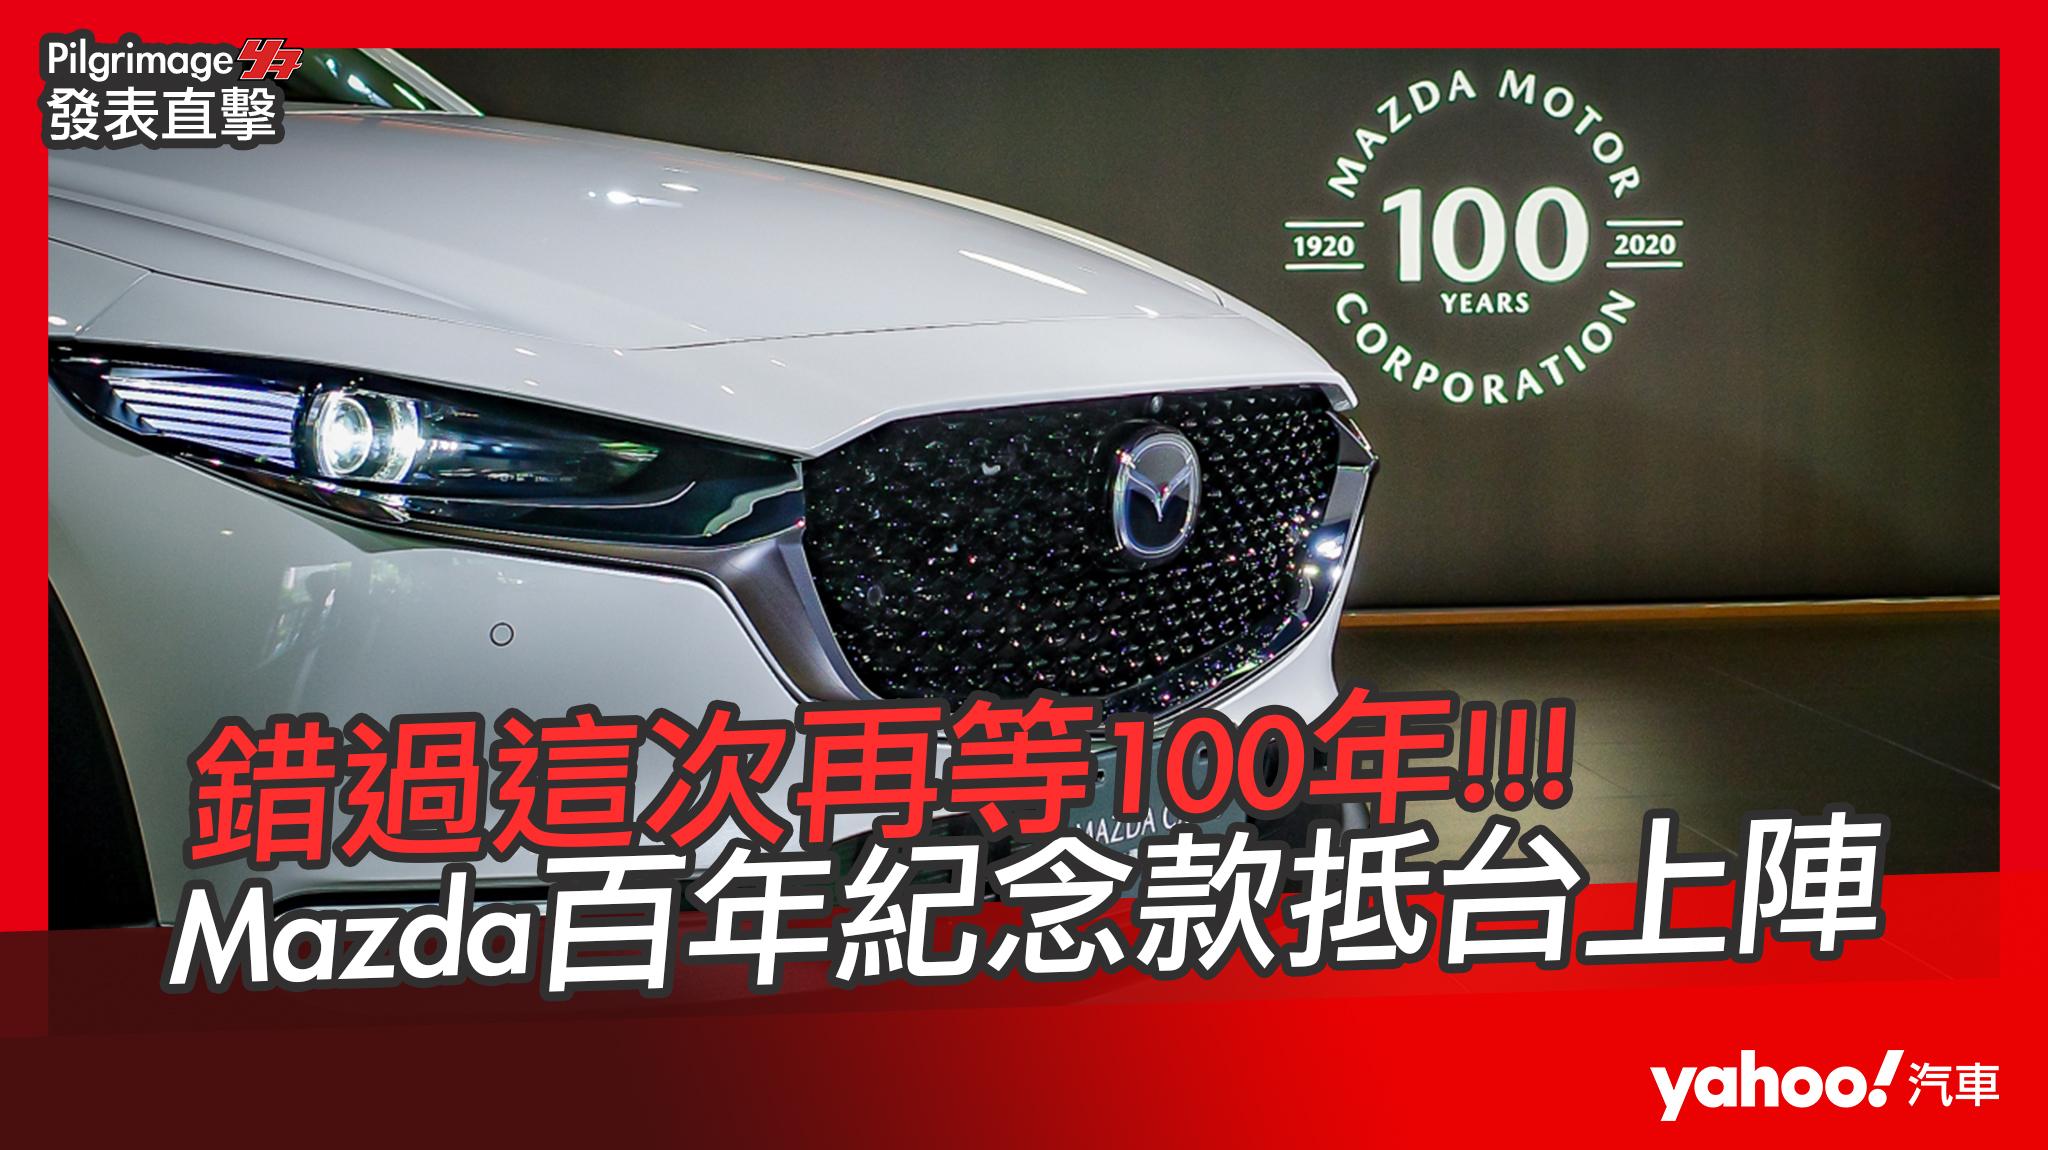 【發表直擊】2020 Mazda 100週年紀念車型賞車直播